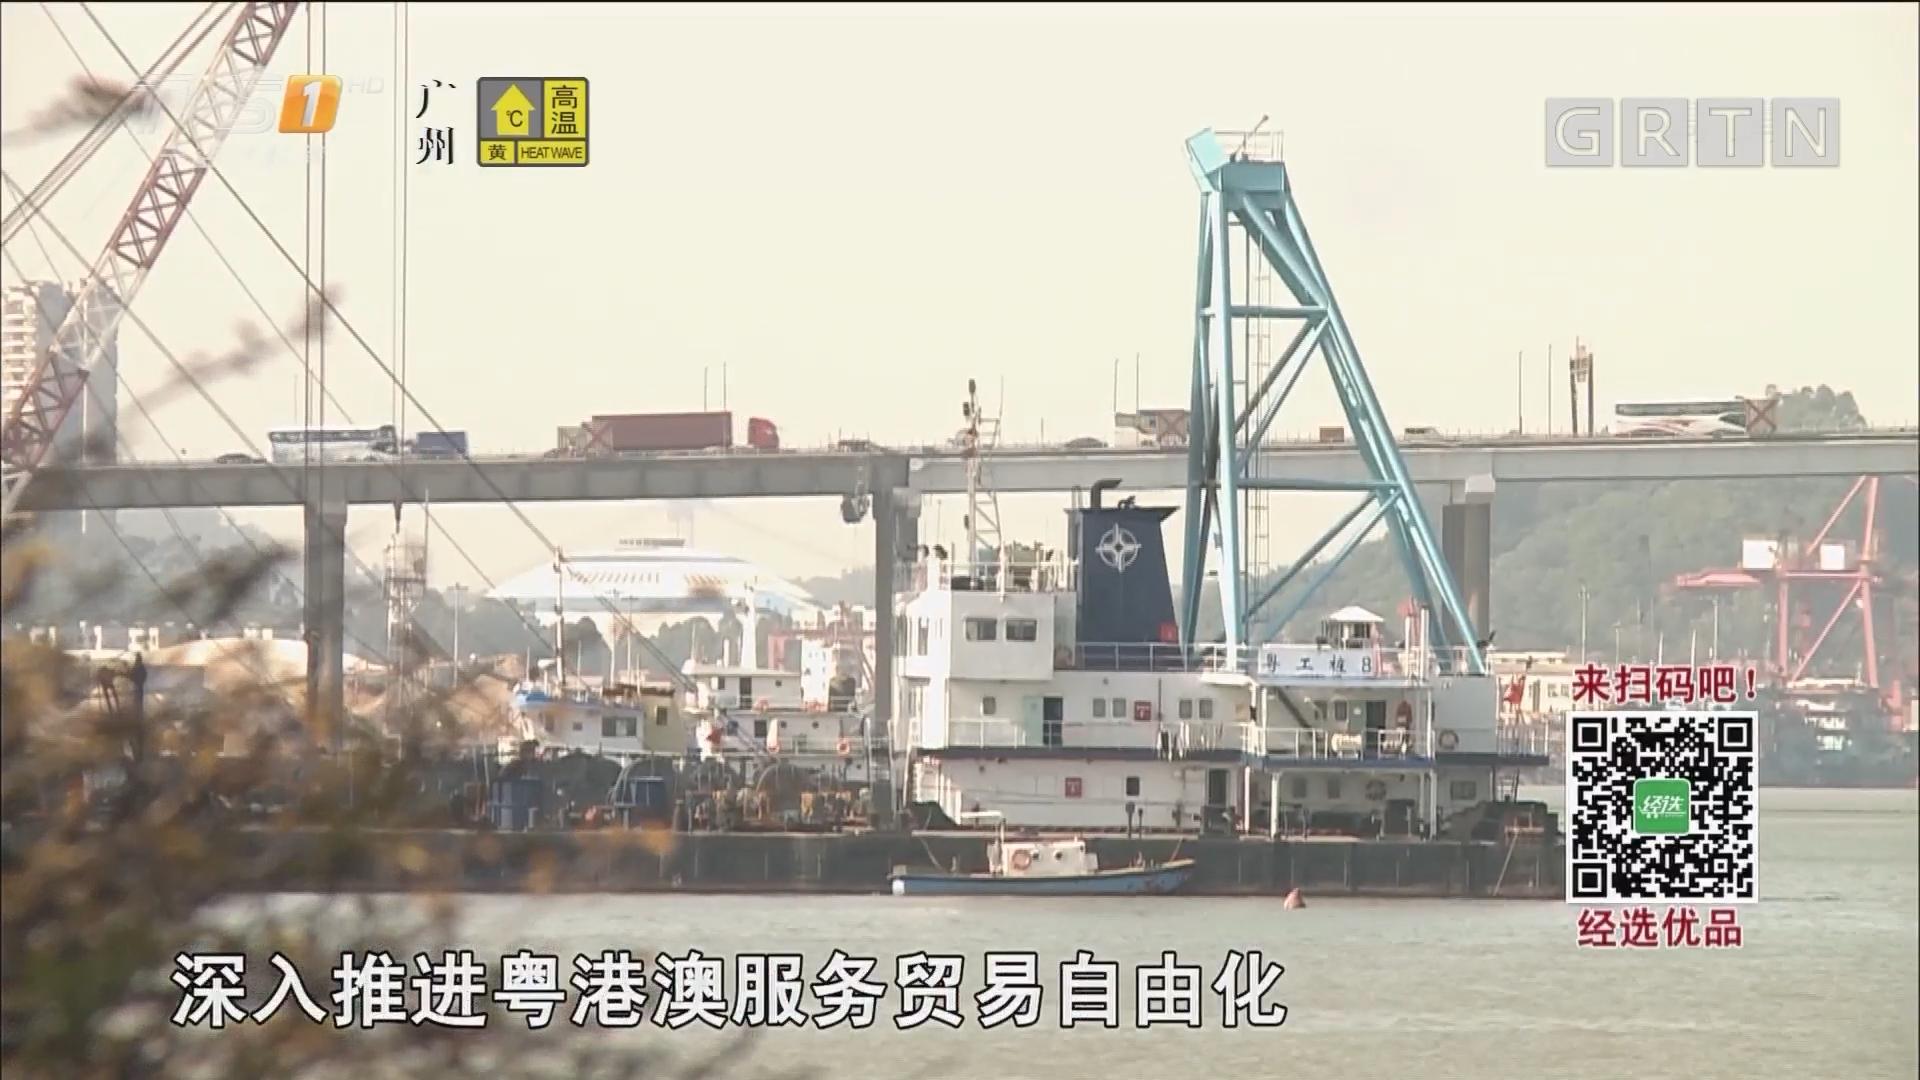 广东自贸区改革开放方案:深入推进粤港澳服务贸易自由化